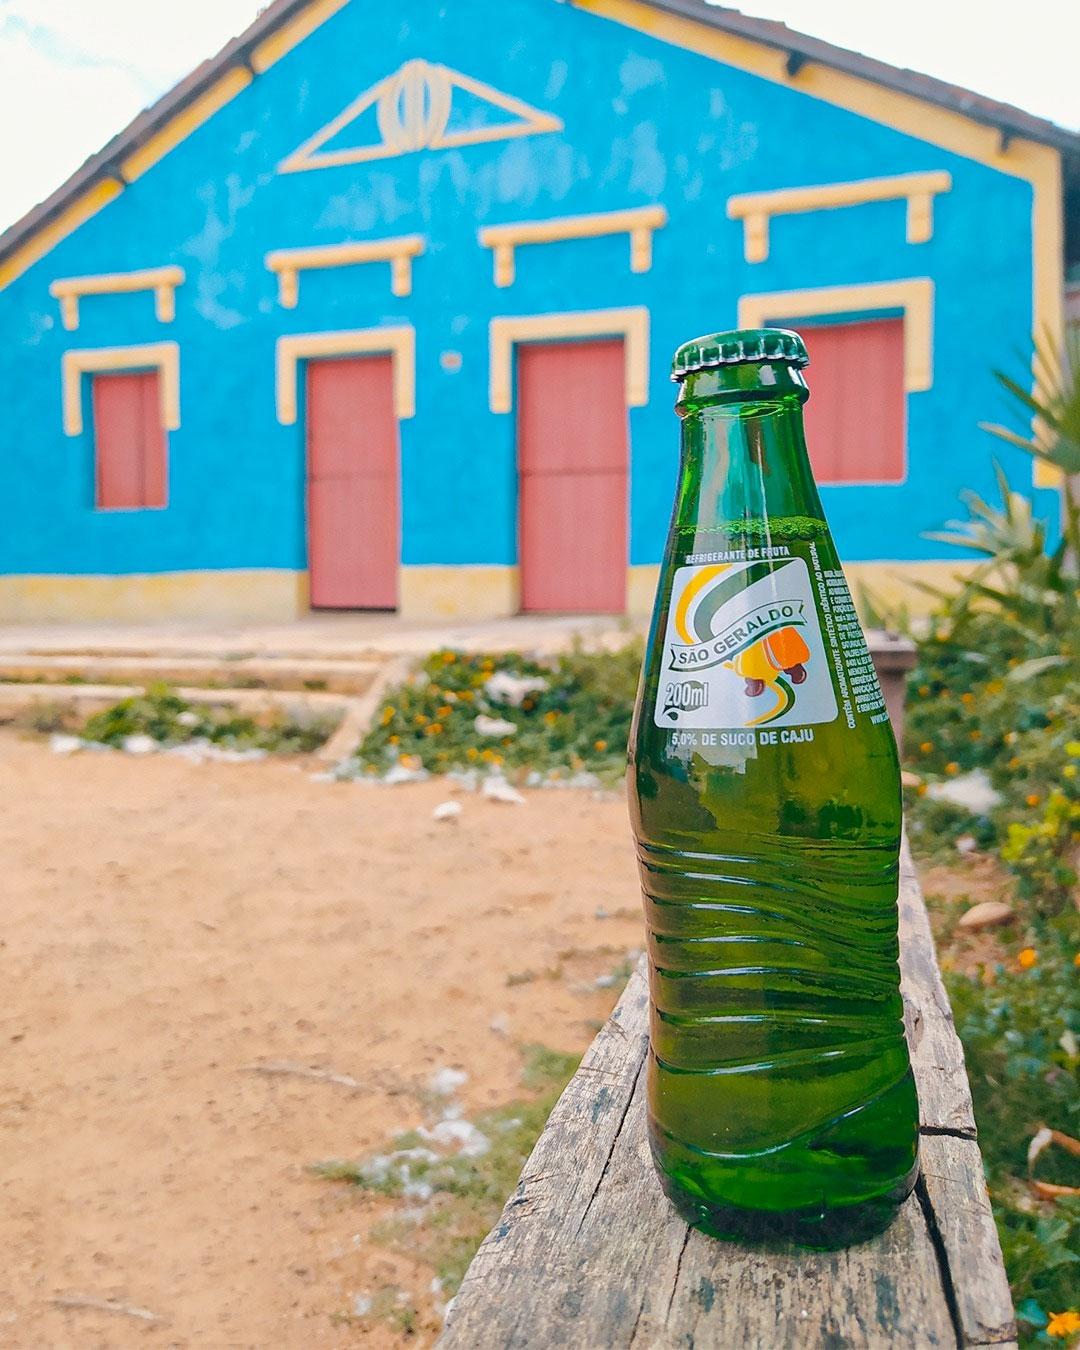 Fachada da Fundação Casa Grande com uma garrafa de Cajuína São Geraldo